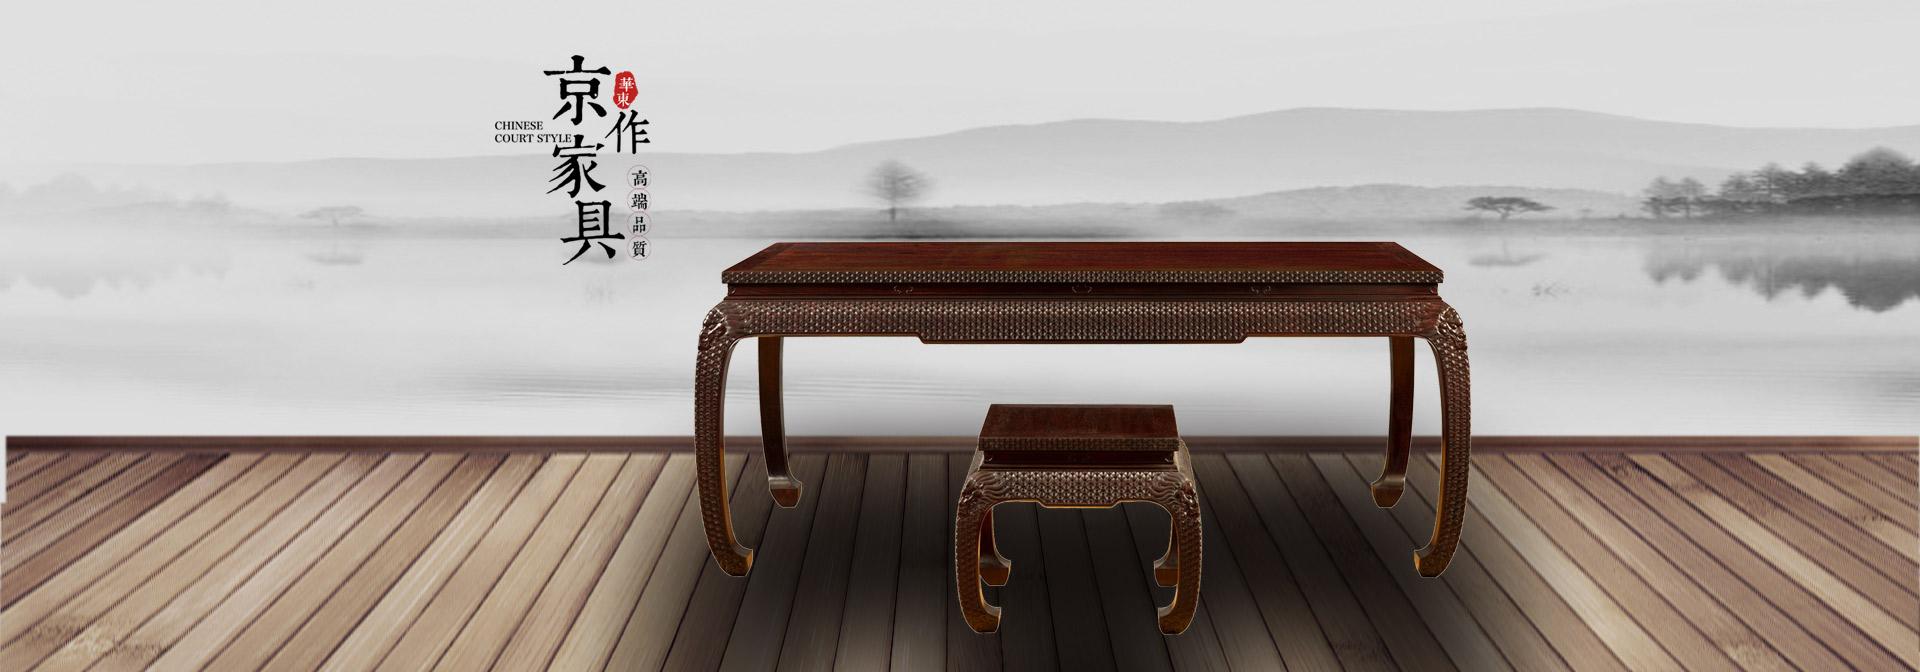 华东祥瑞檀香紫檀龟背纹画桌